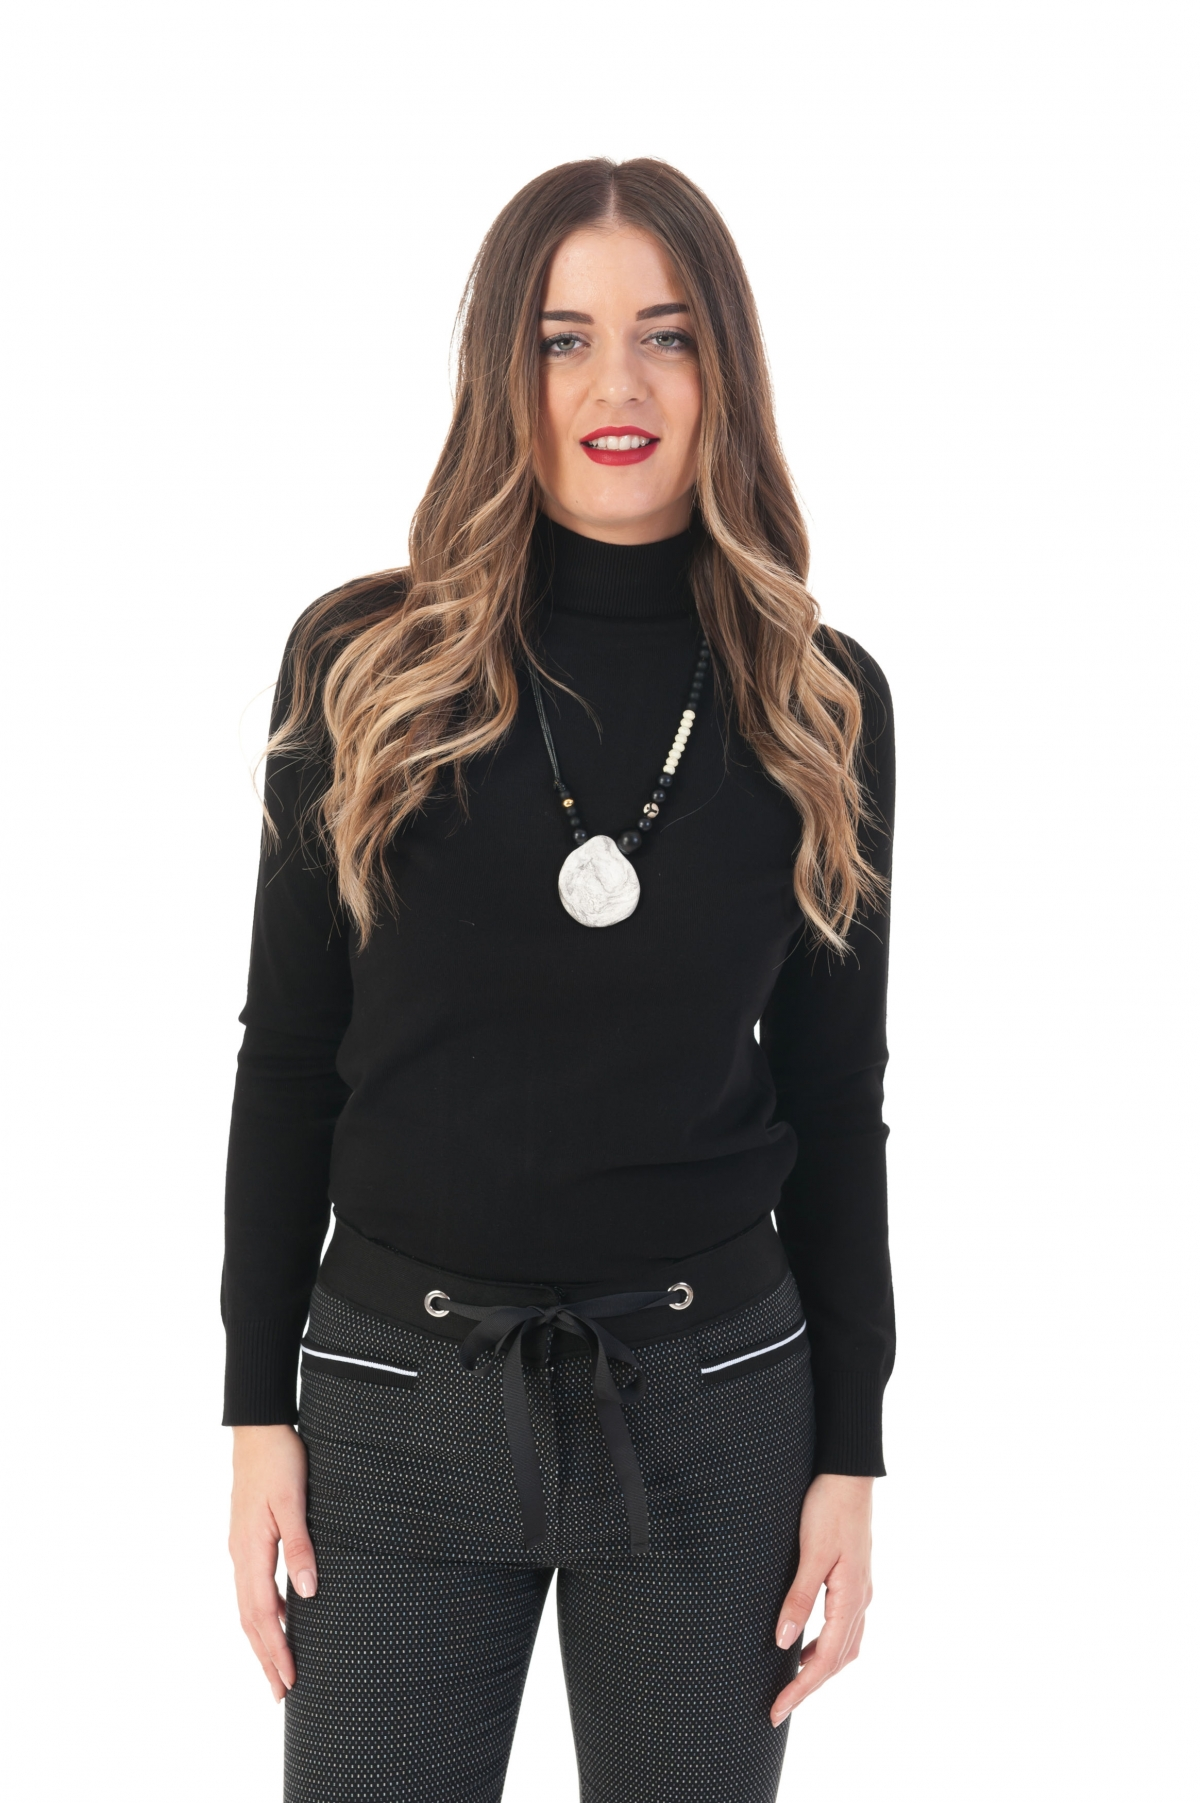 ΠΑΝΤΕΛΟΝΙ ΜΕ ΚΟΡΔΕΛΑ ΣΤΗΝ ΜΕΣΗ - Real Lady - Shop Online 193d5c21767